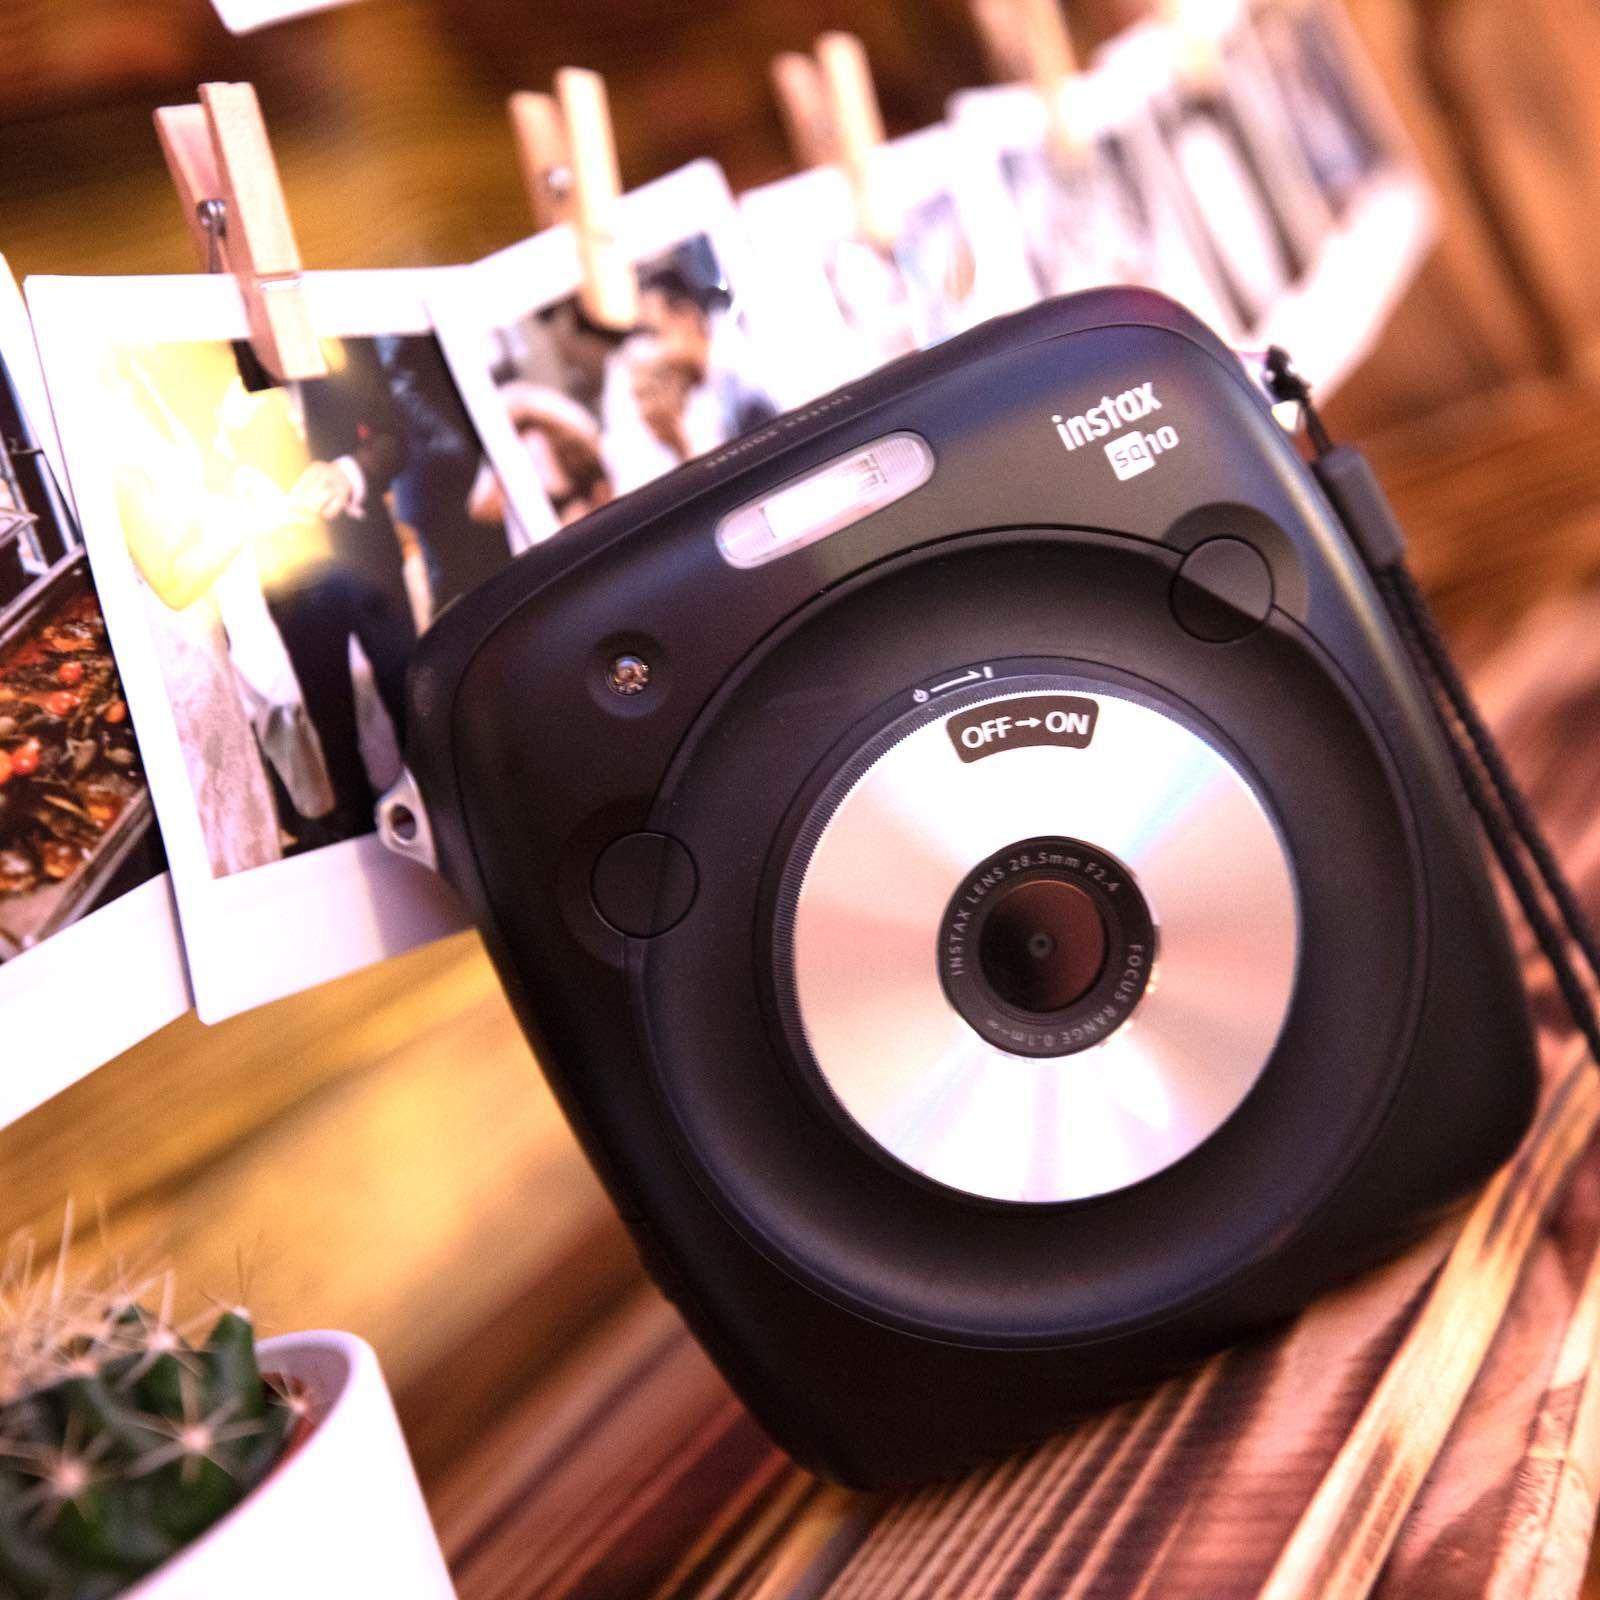 Polaroid | Kamera | Hochzeit | Polaroid | Kamera | Set | Polaroid | Bundle | Mieten | Anfragen | Buchen | Hochzeit | Event | Sofortbildkamera | Versand | Lieferung | Knipsel